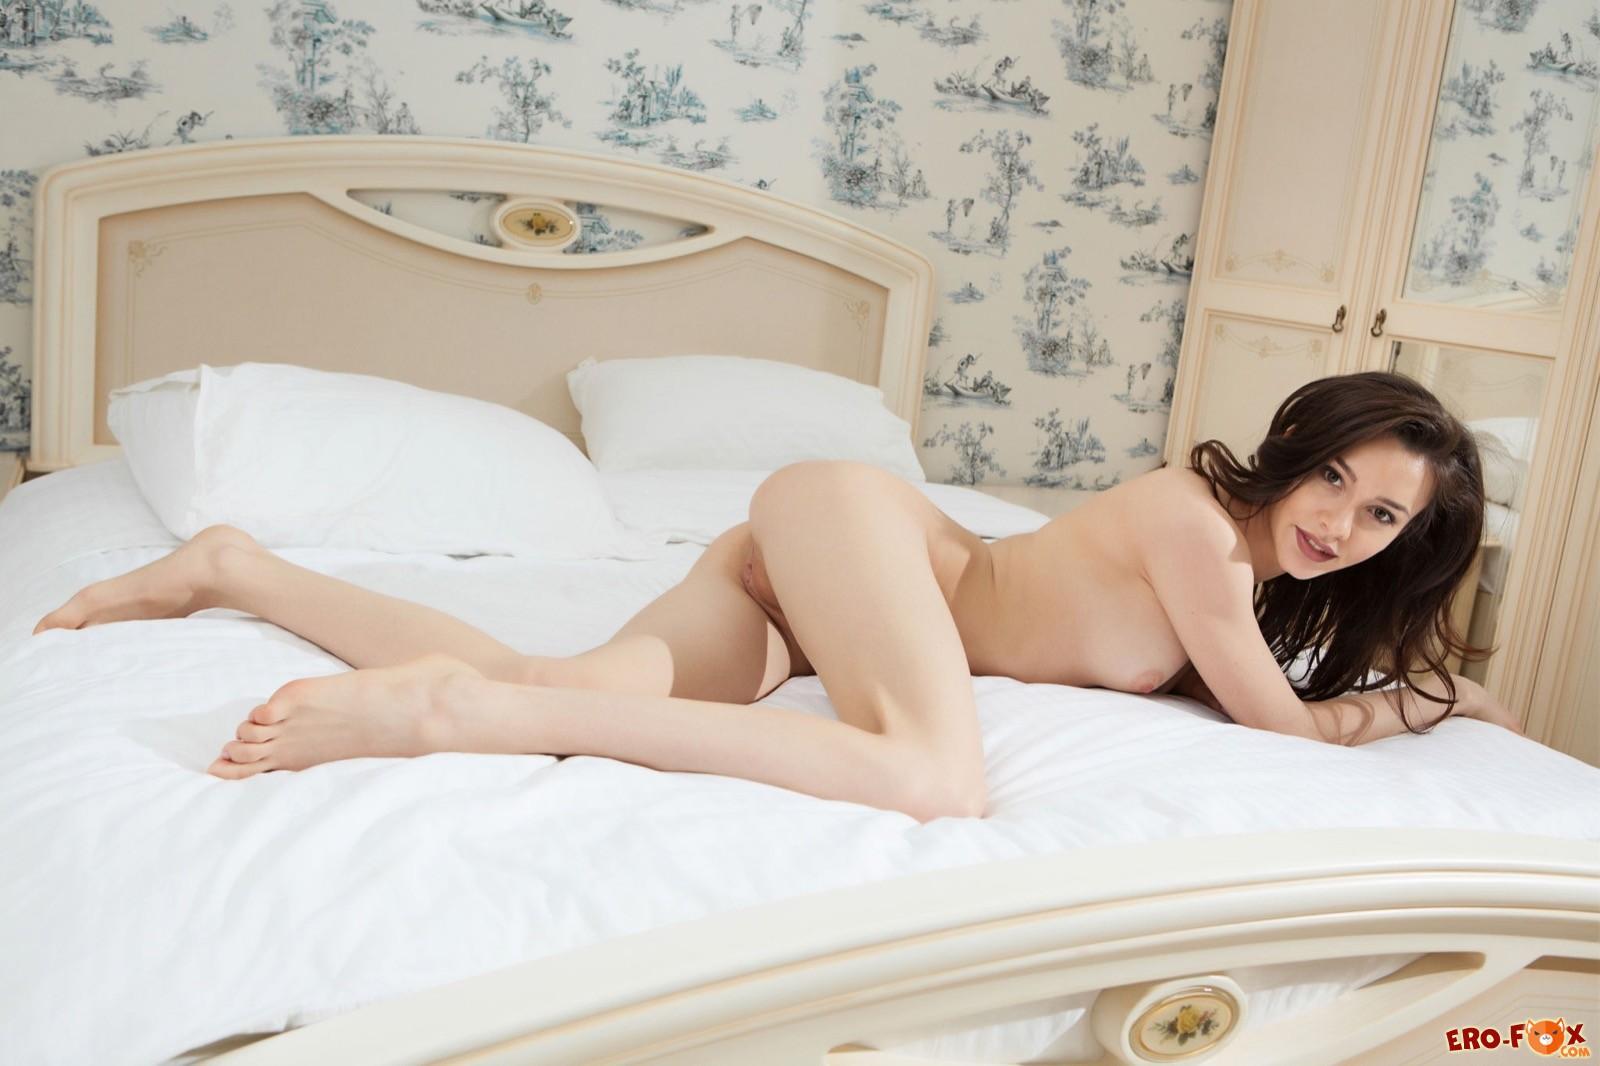 Обнаженная девушка позирует на кровати .